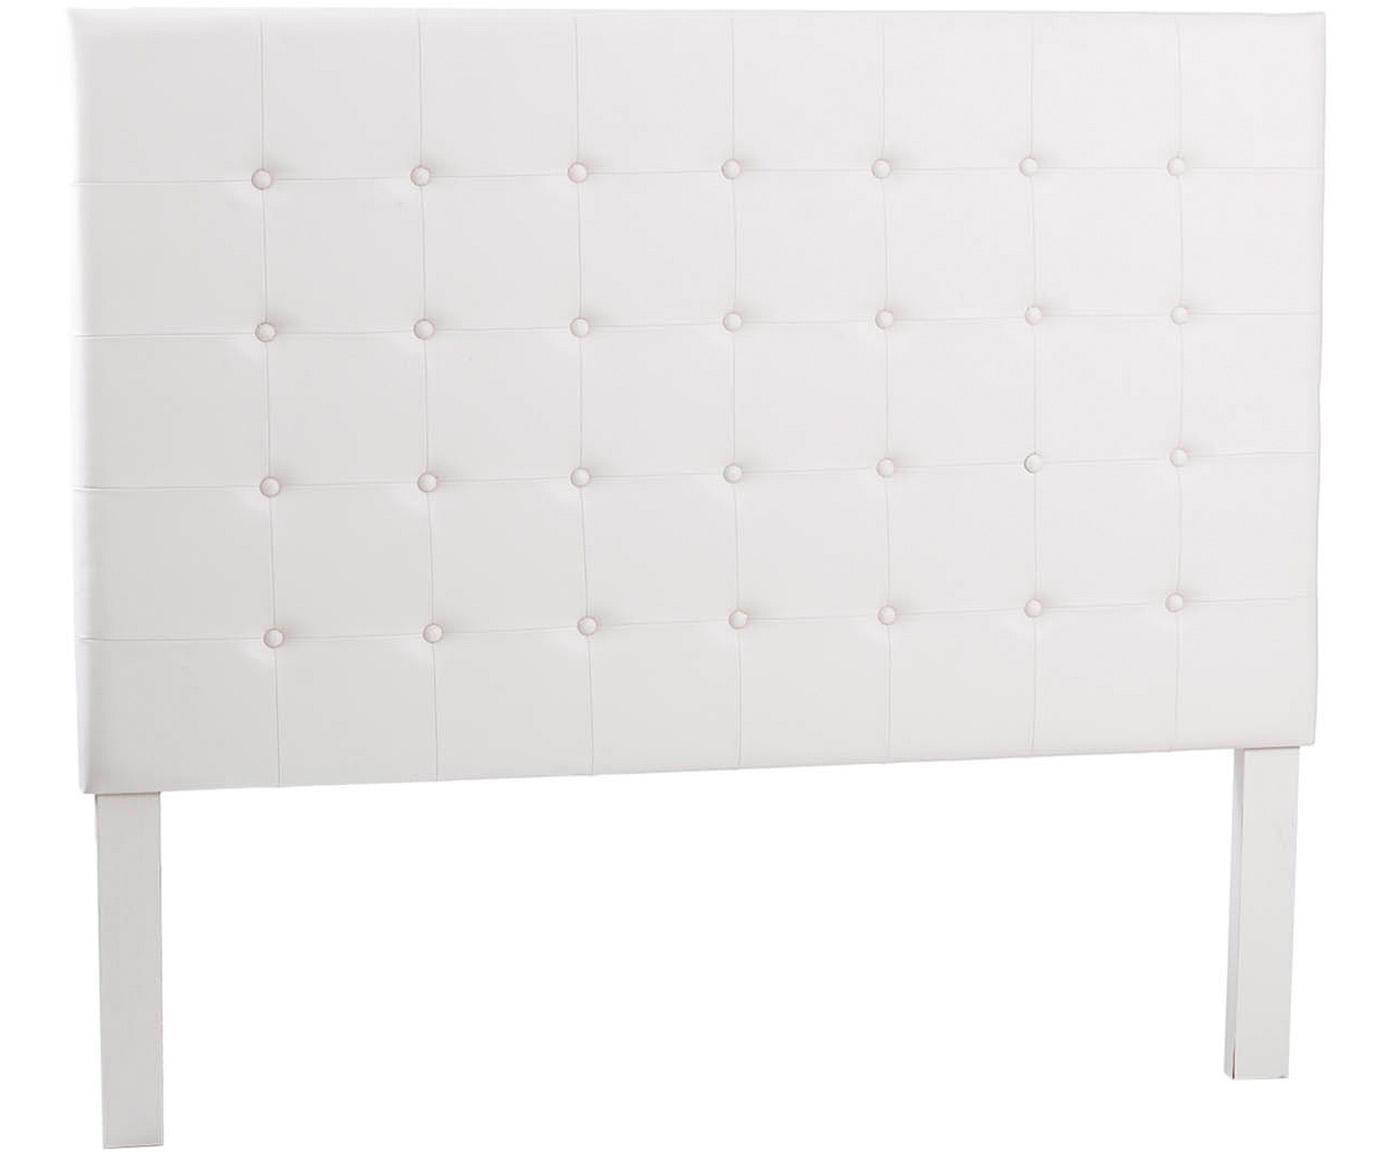 Cabecero de cuero sintético Jay, Tapizado: cuero sintético, Estructura: tablero de fibras de dens, Blanco, An 160 x Al 140 cm